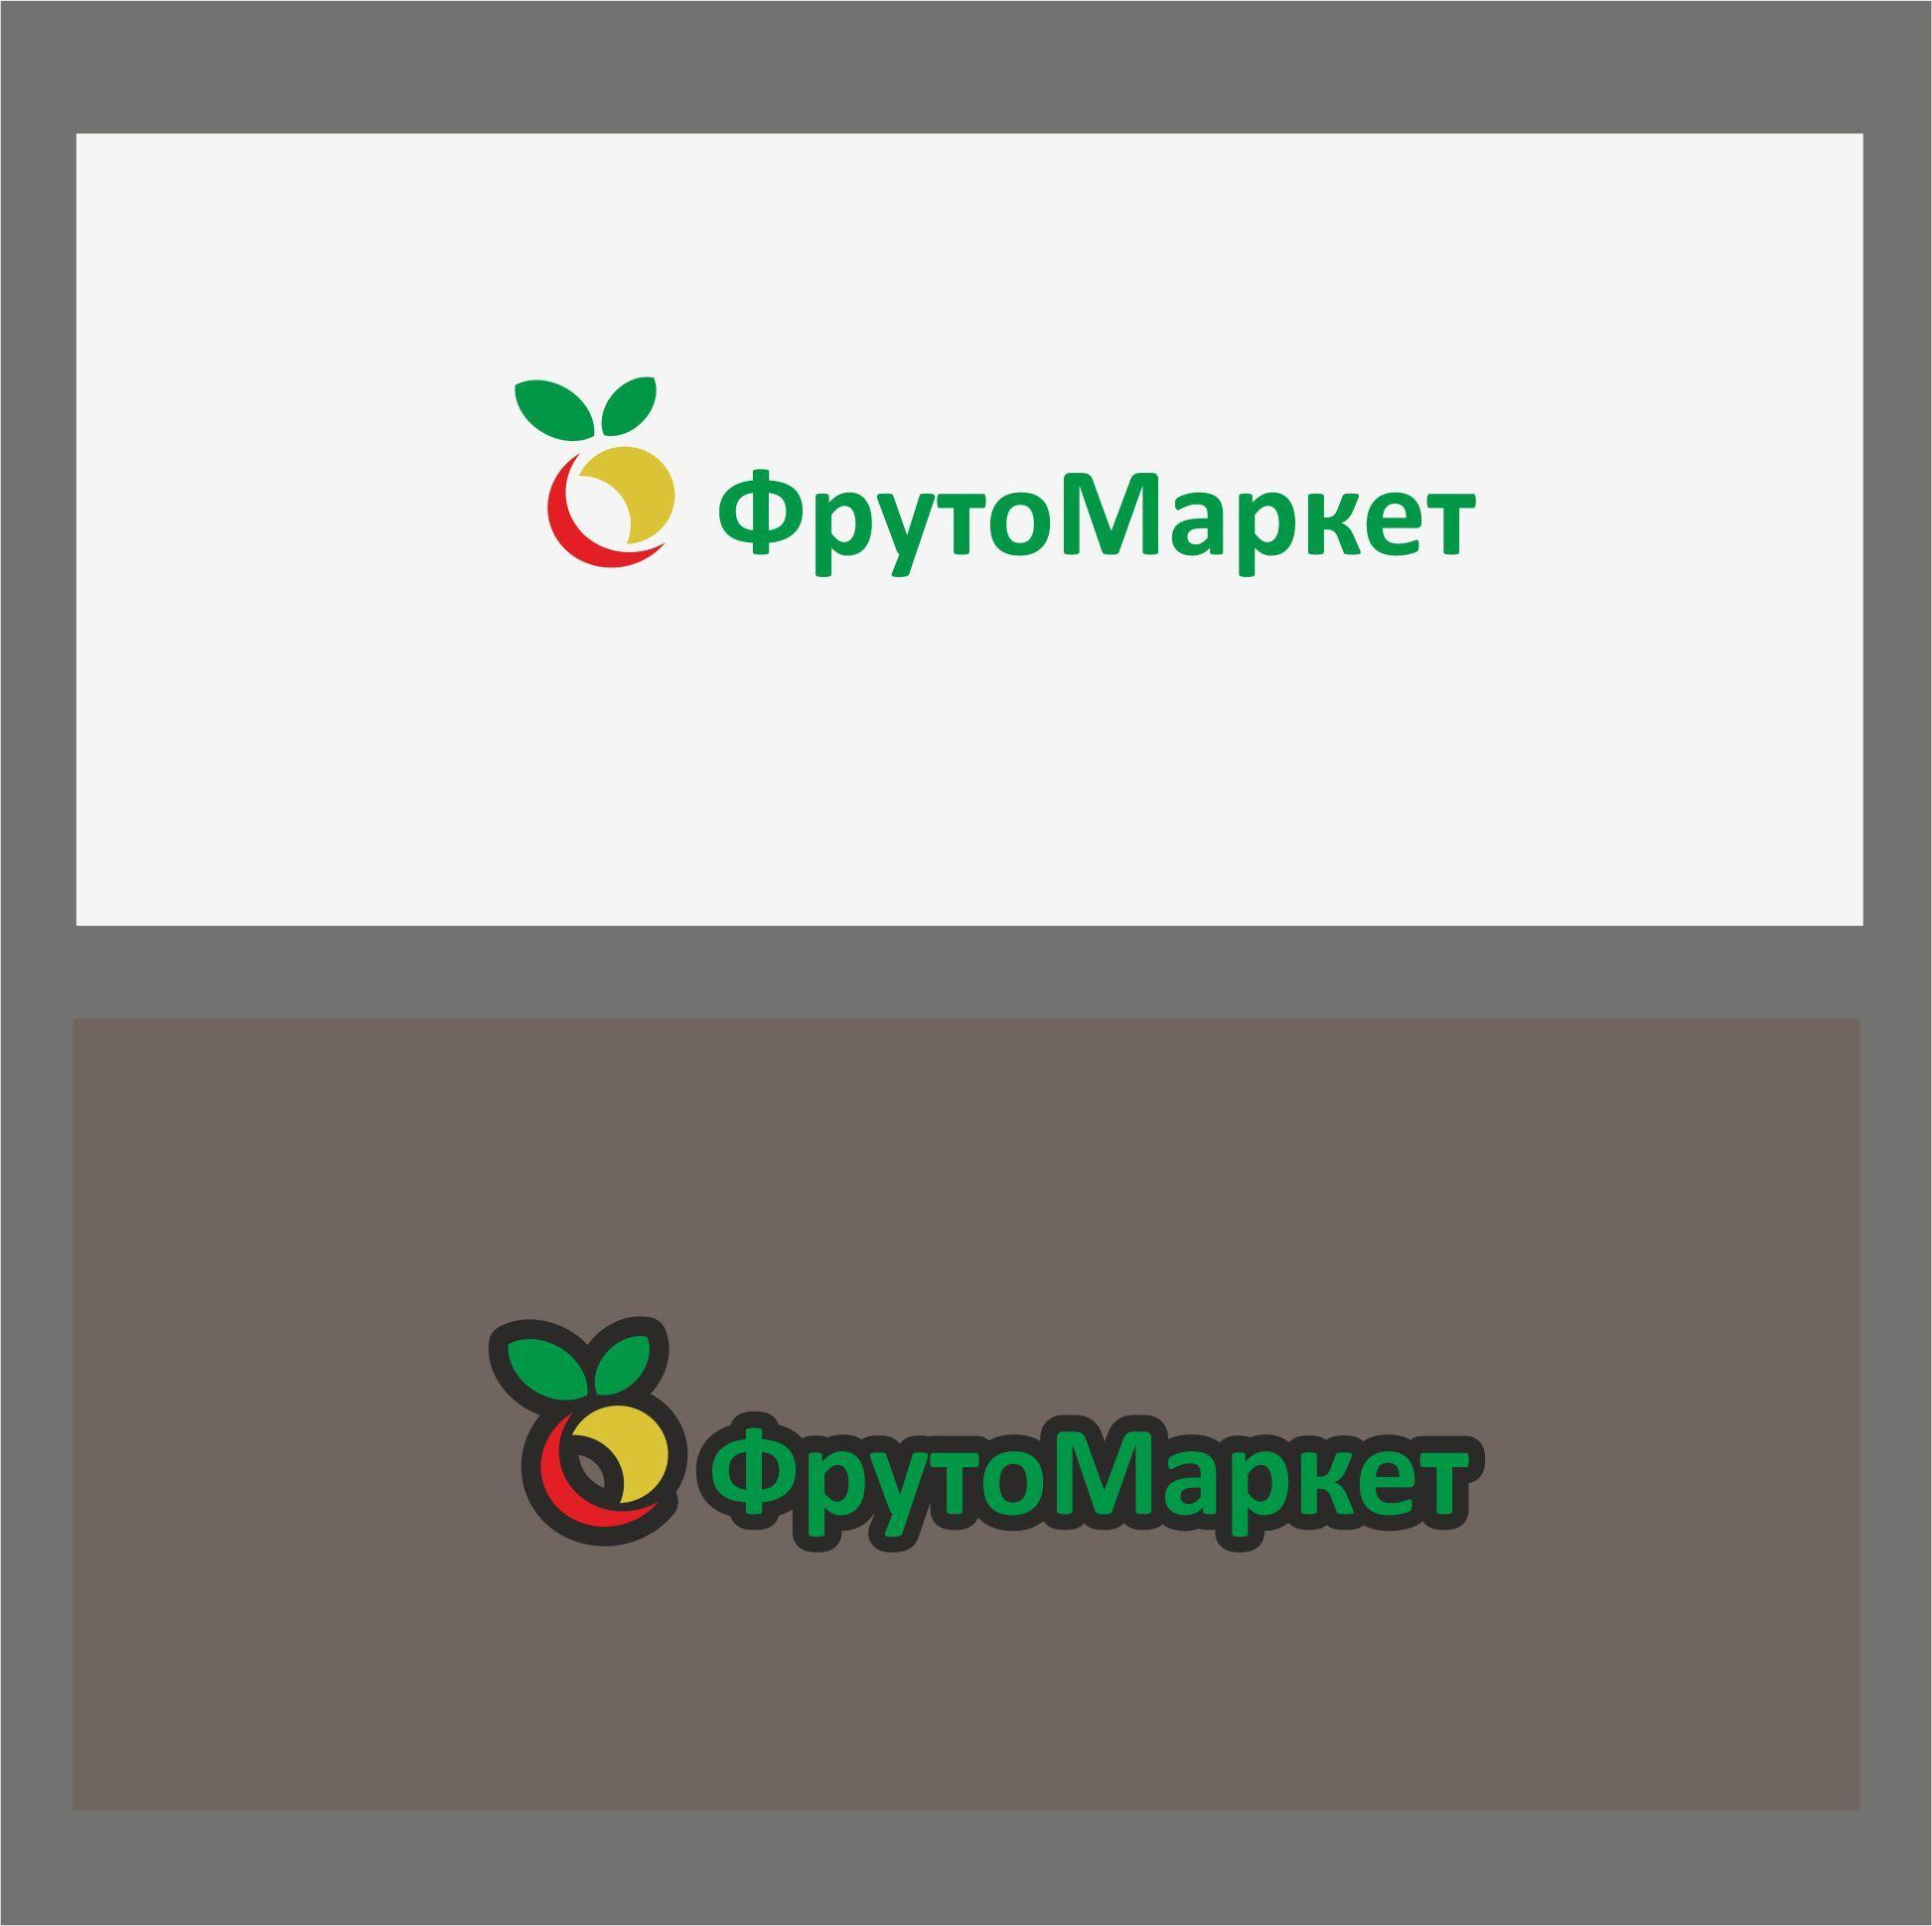 Логотип-вывеска фруктово-овощных магазинов премиум - дизайнер dbyjuhfl